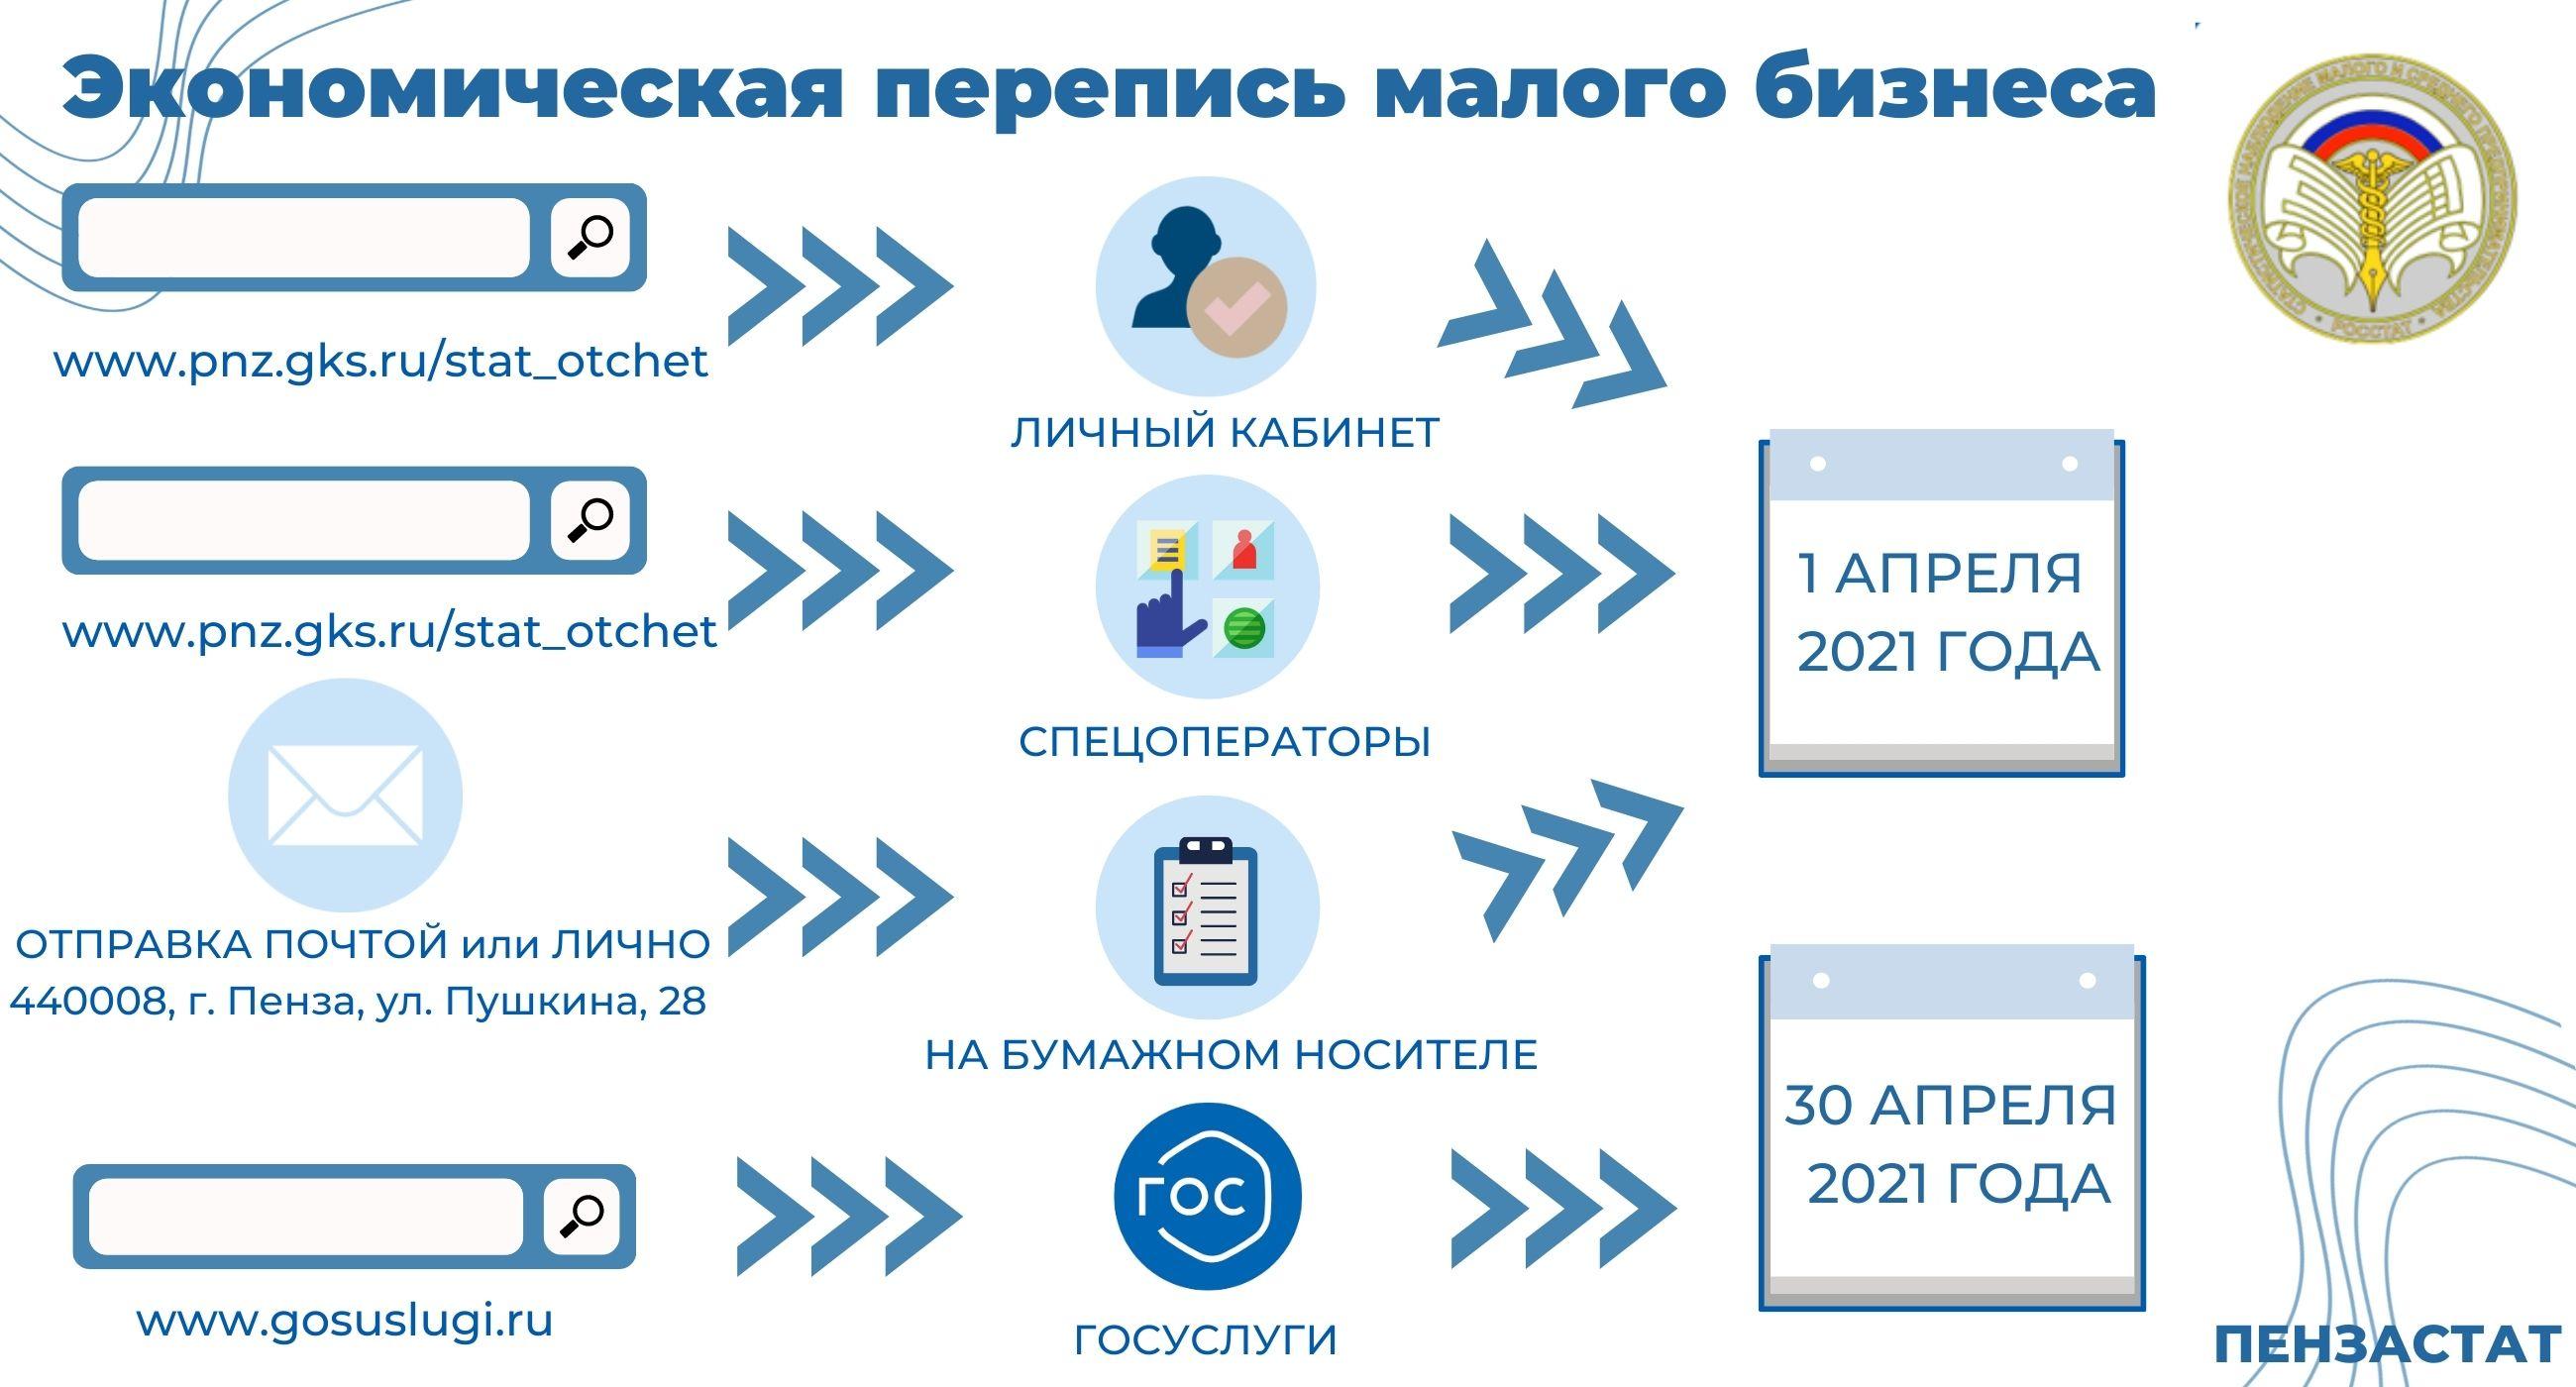 1 апреля завершается прием отчетов по экономической переписи  малого бизнеса